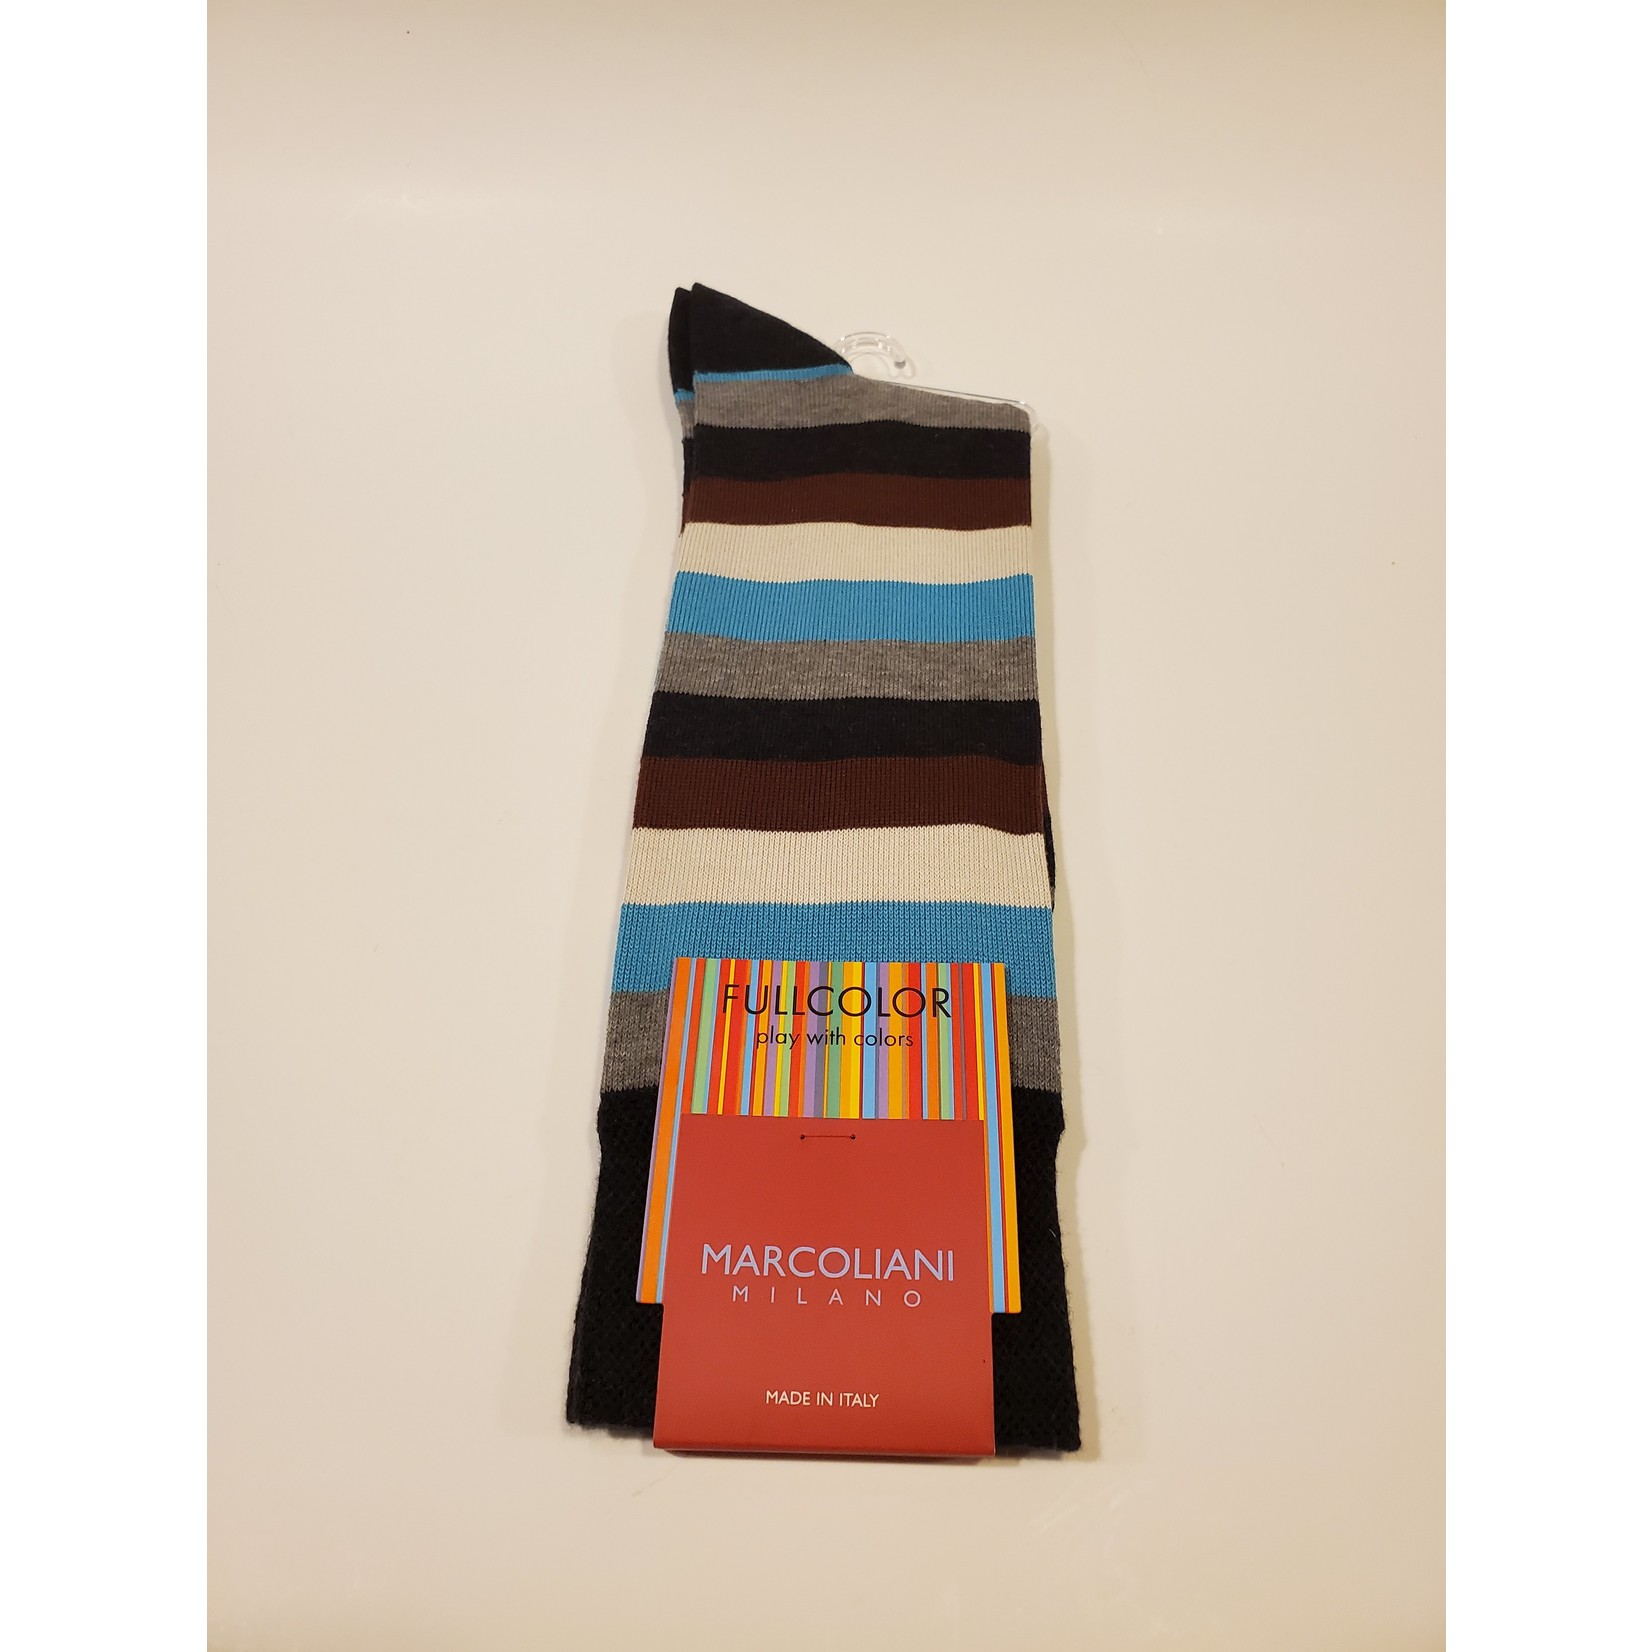 Marcoliani Marcoliani Full Color MAR4524T Collage Stripe - Z69 Charcoal Blue